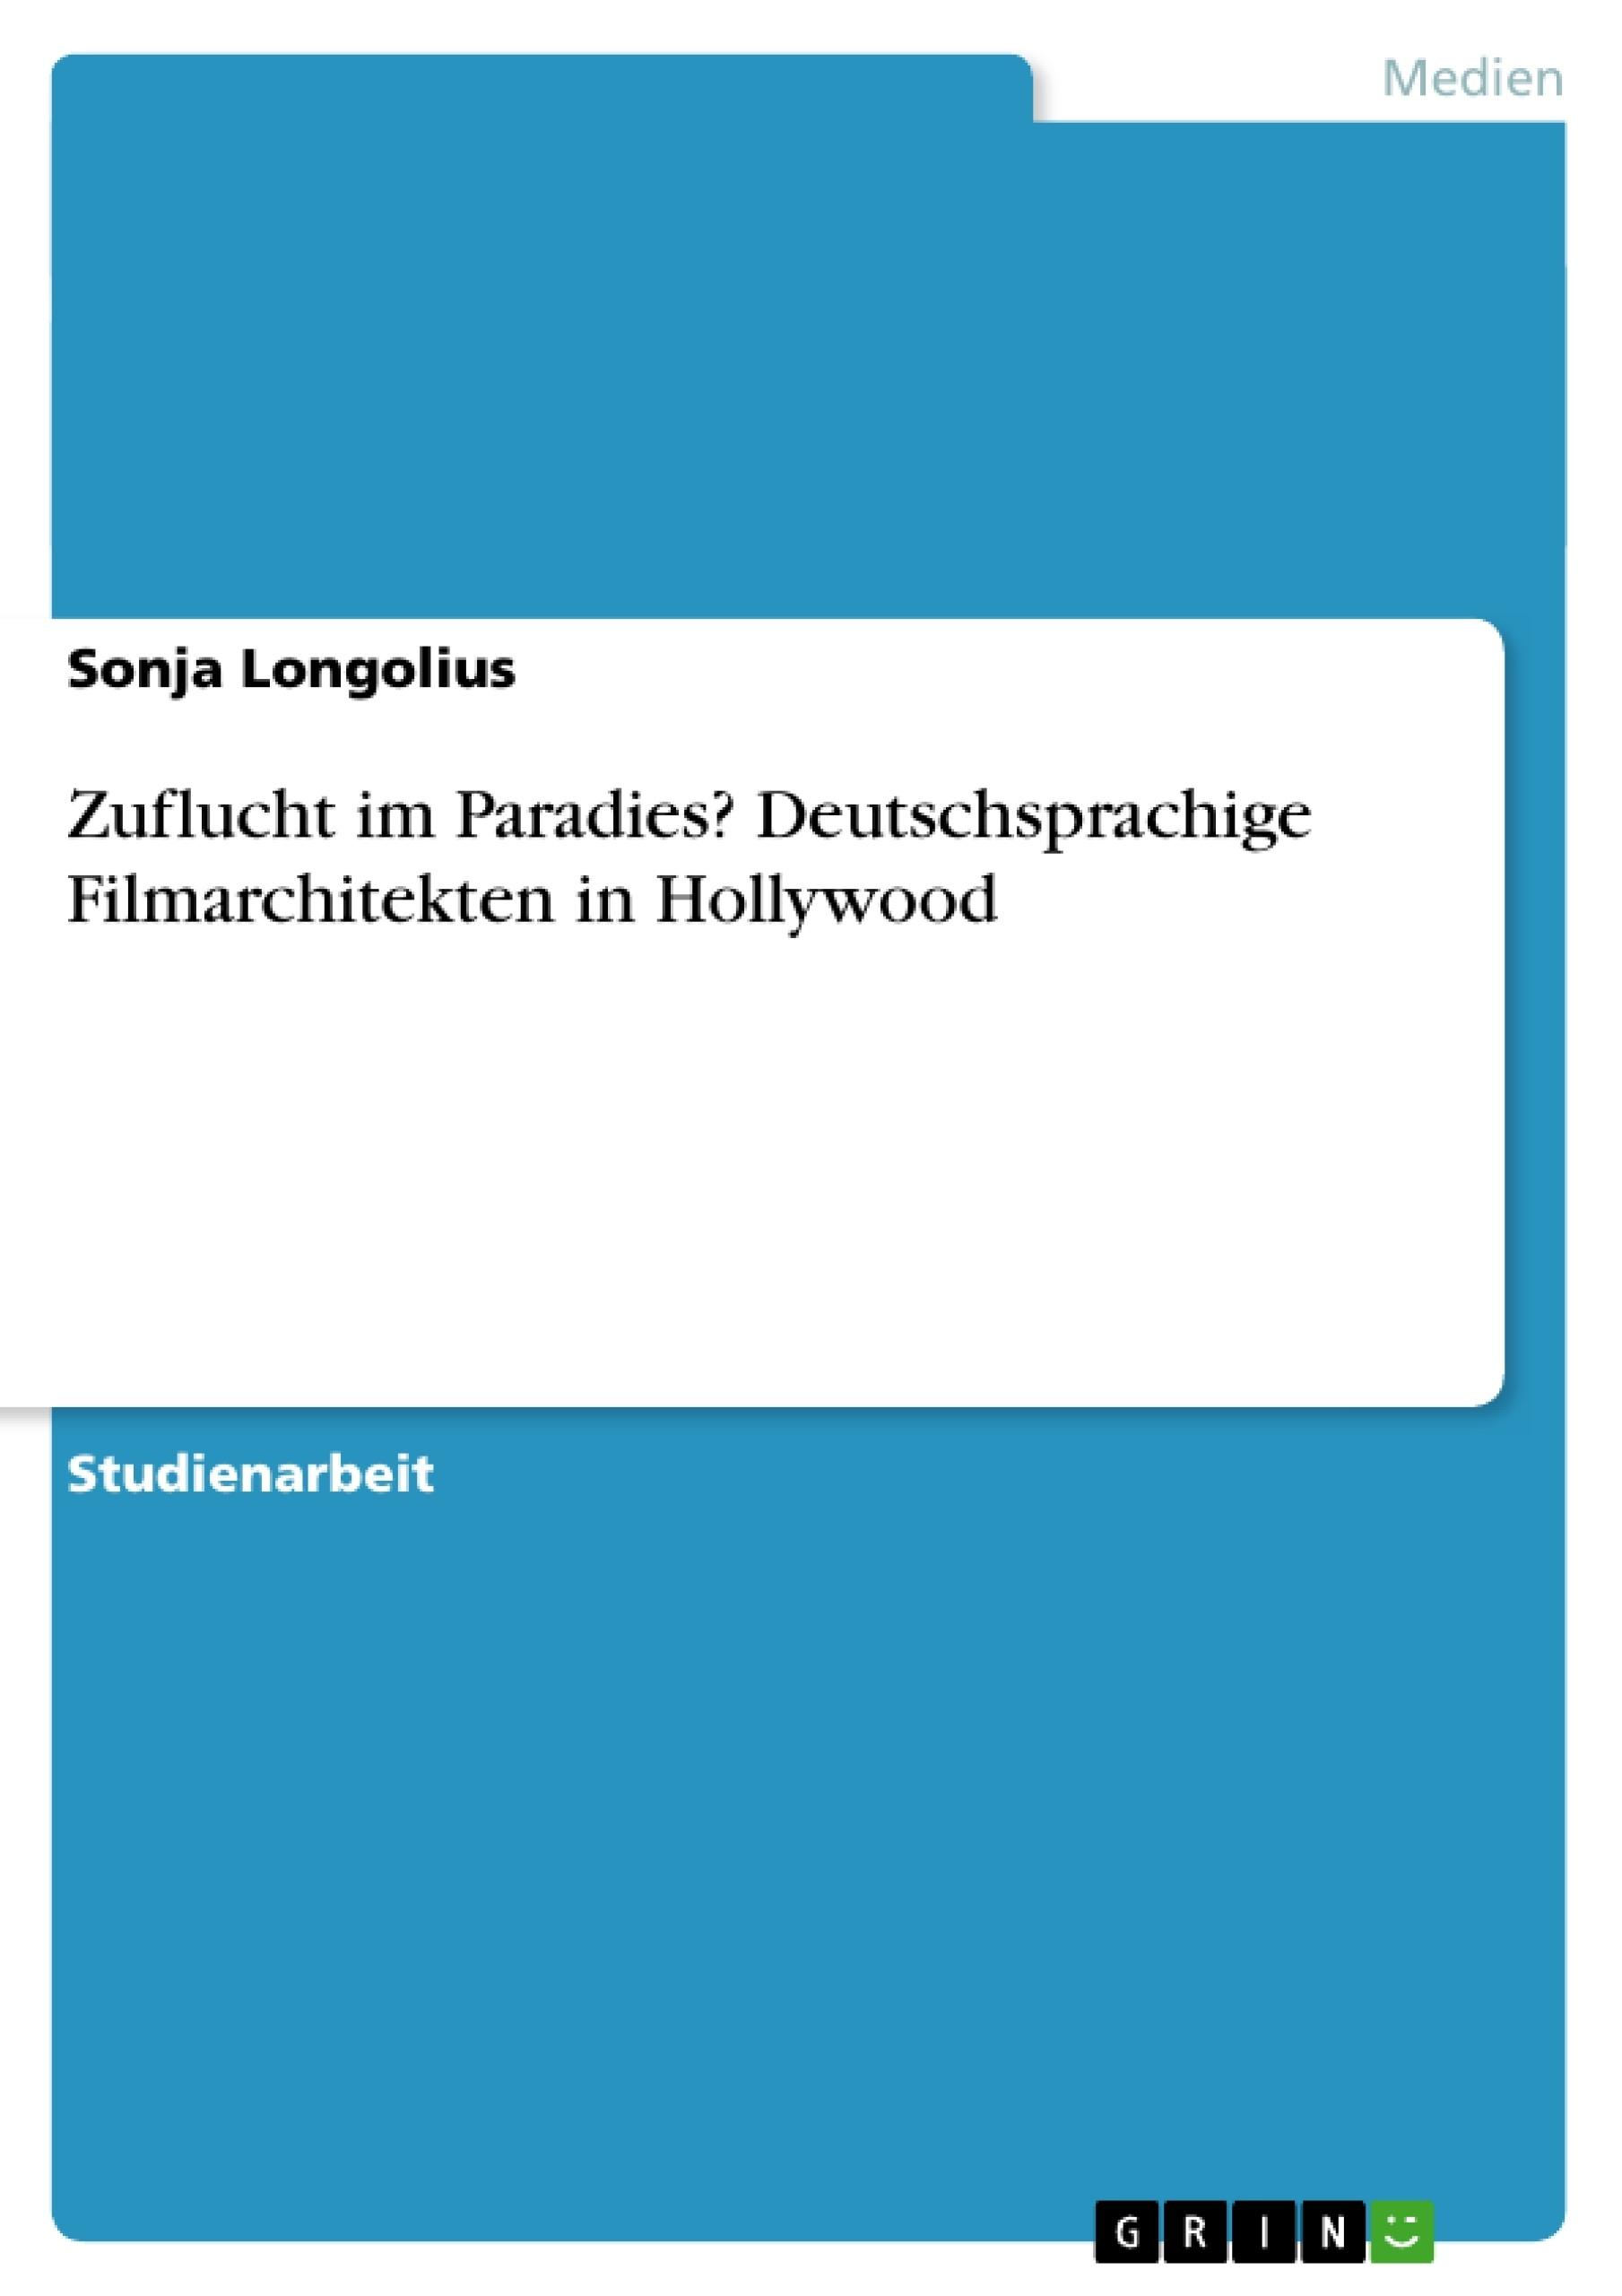 Titel: Zuflucht im Paradies? Deutschsprachige Filmarchitekten in Hollywood